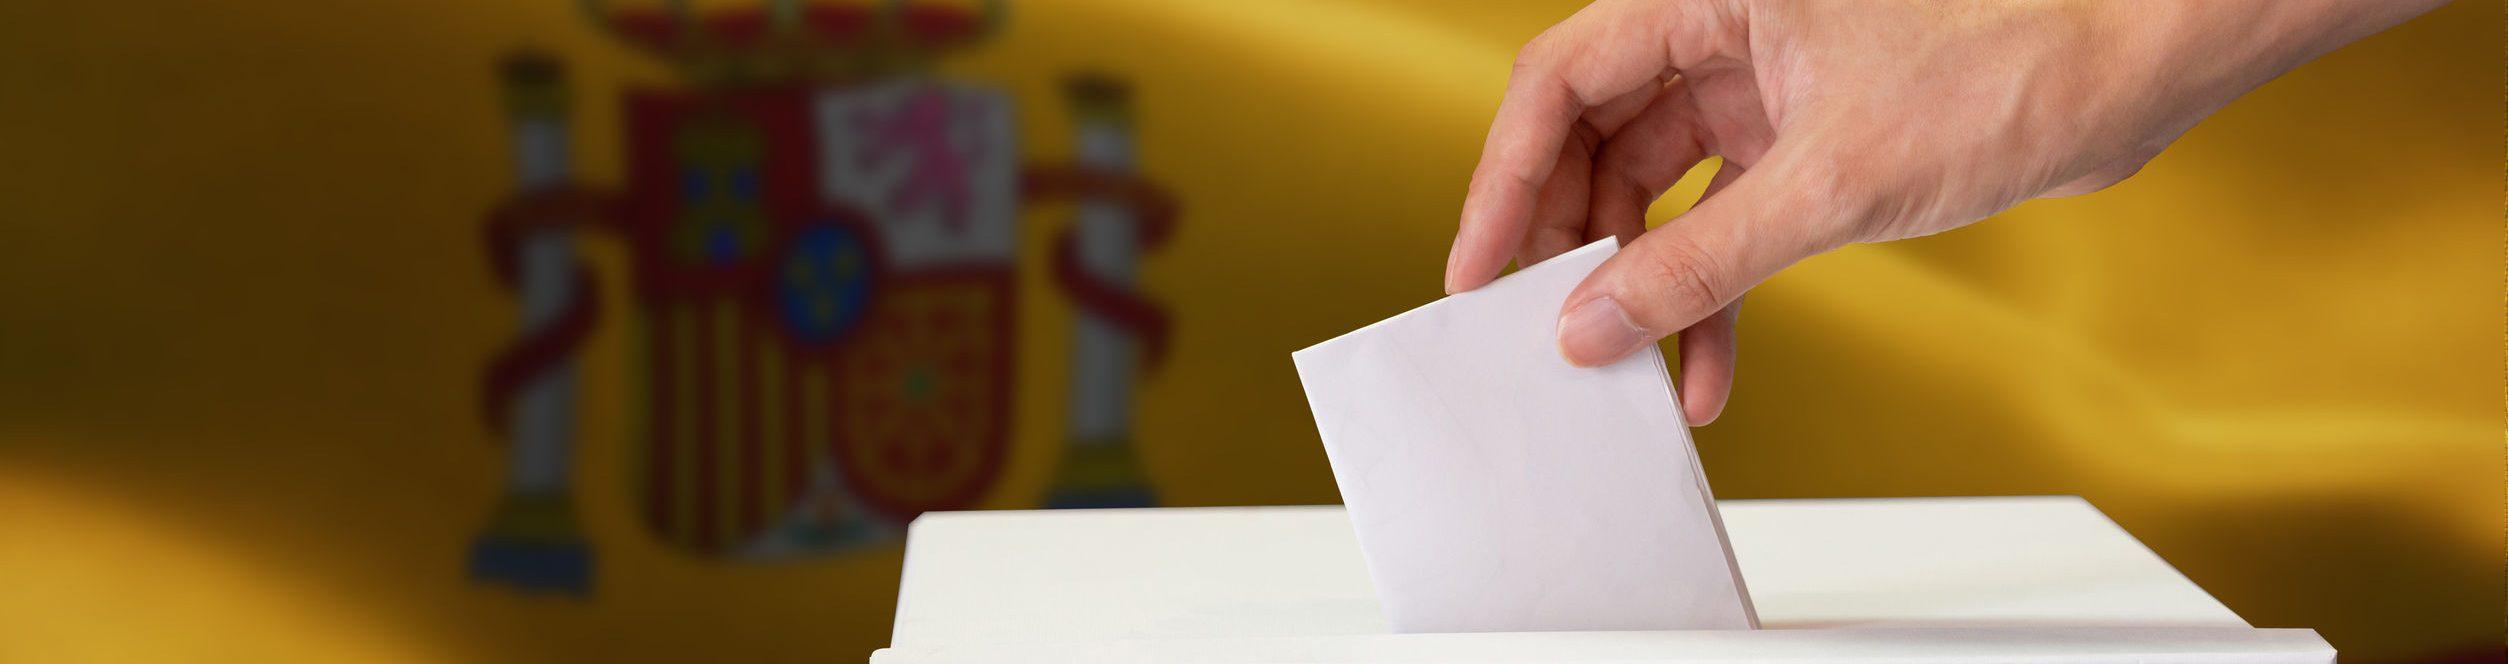 6 prioridades sobre transformación digital recogidas en los programas electorales